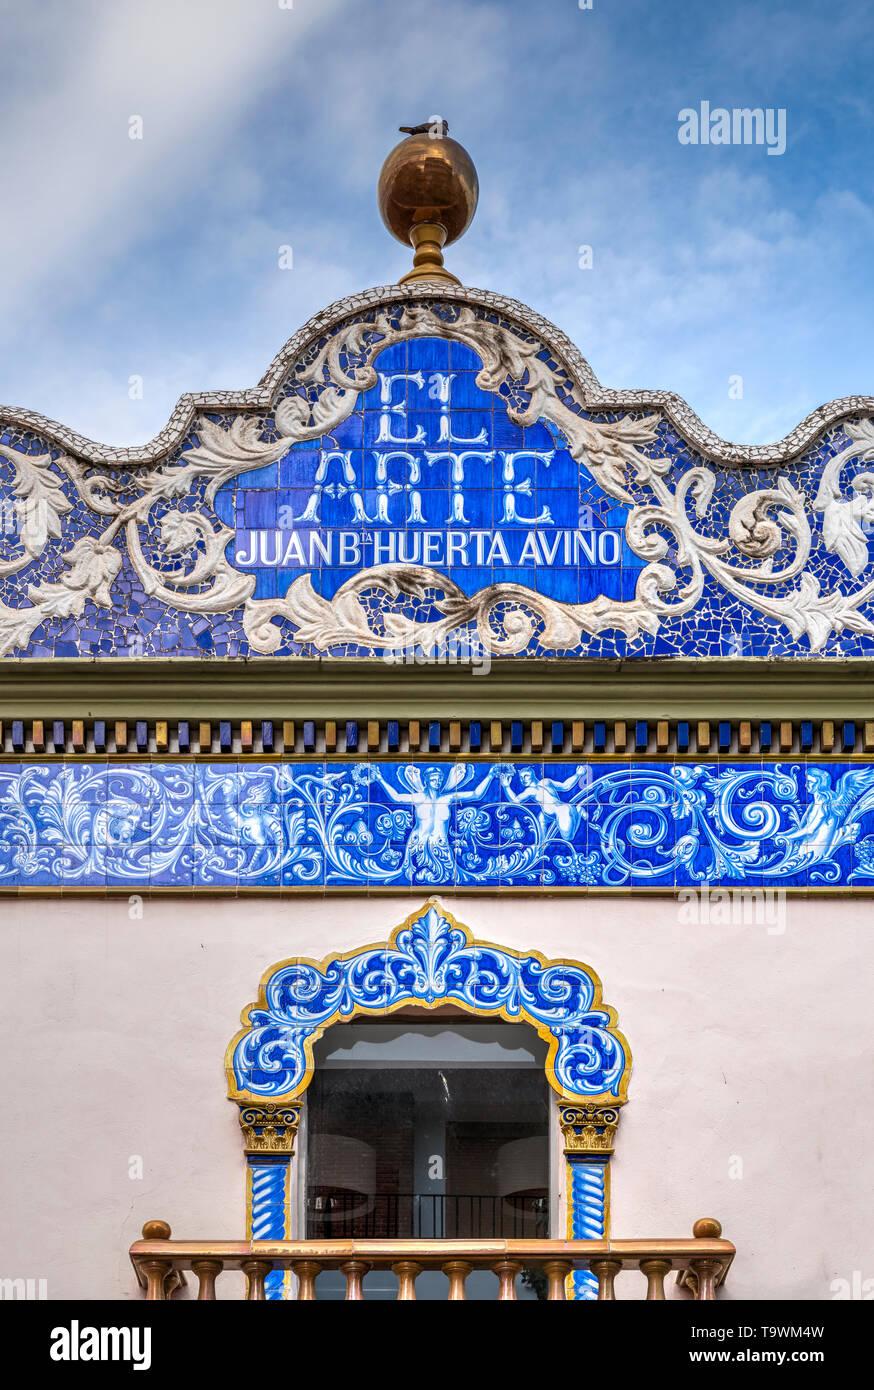 Facciata di El Arte antica fabbrica di ceramiche, Valencia, Comunidad Valenciana, Spagna Immagini Stock